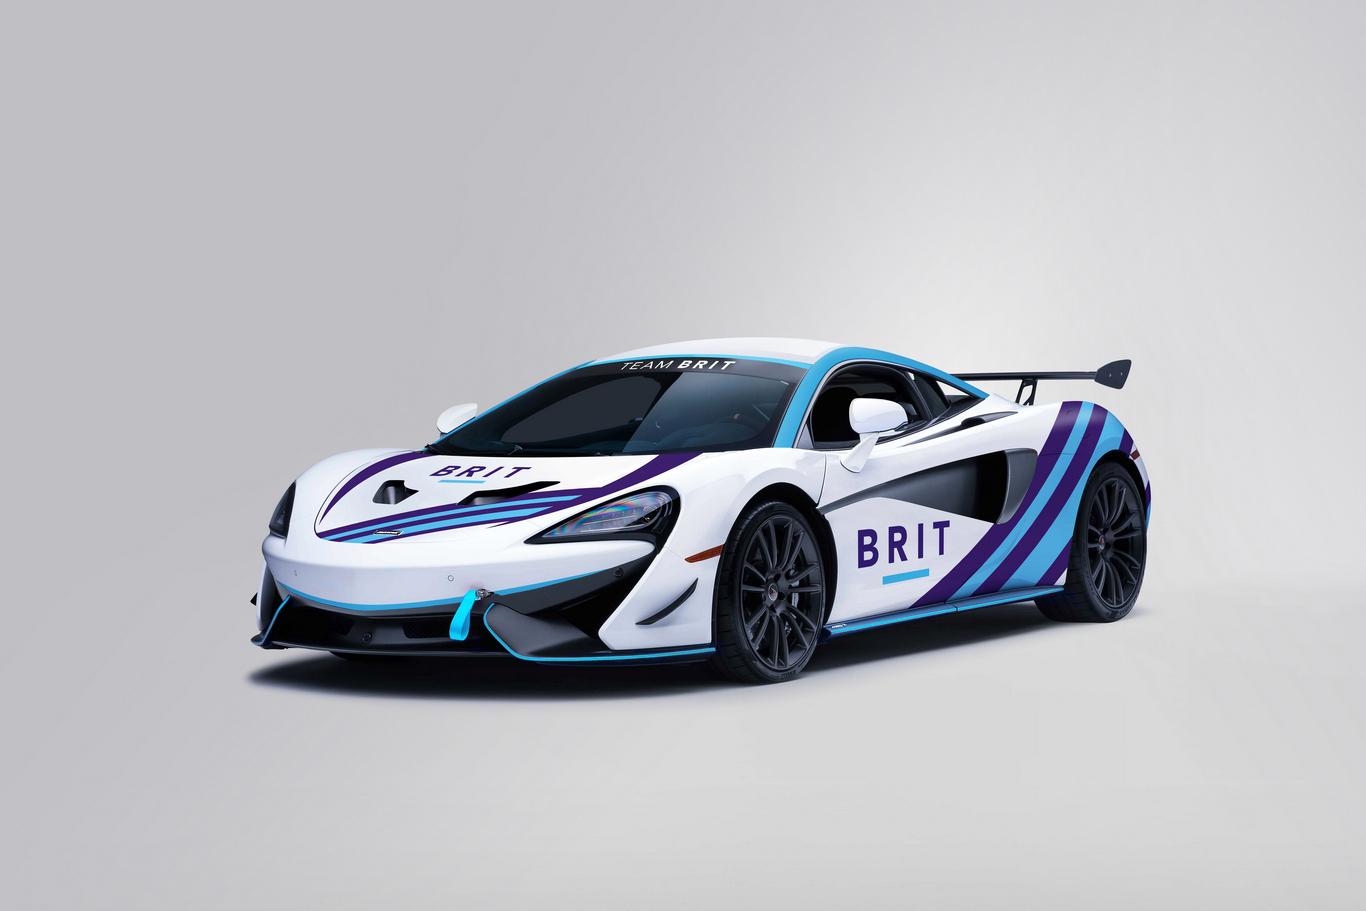 Team BRIT plans 2022 British GT entry